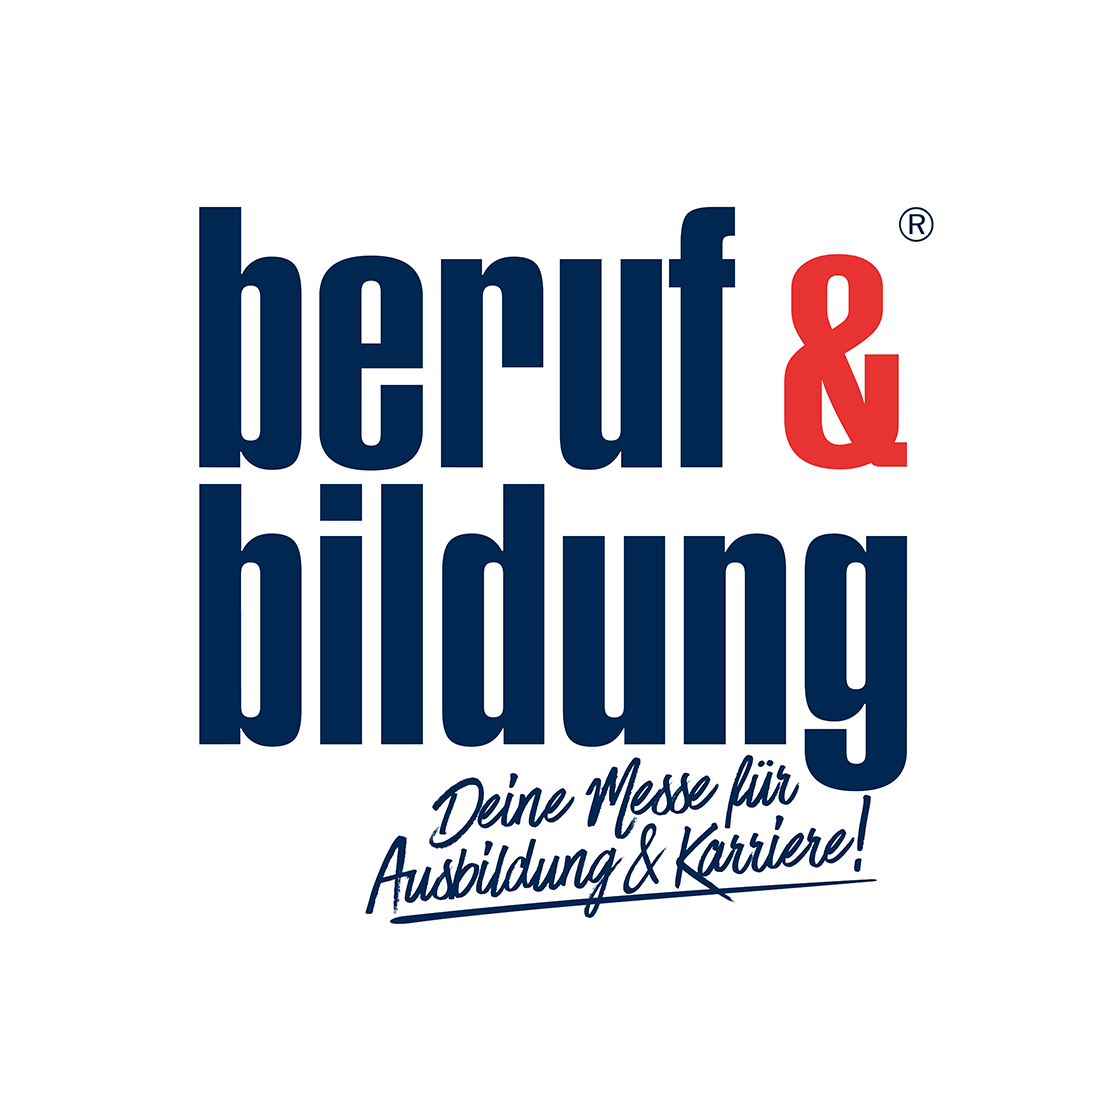 beruf & bildung empfohlen von abigarfen.de